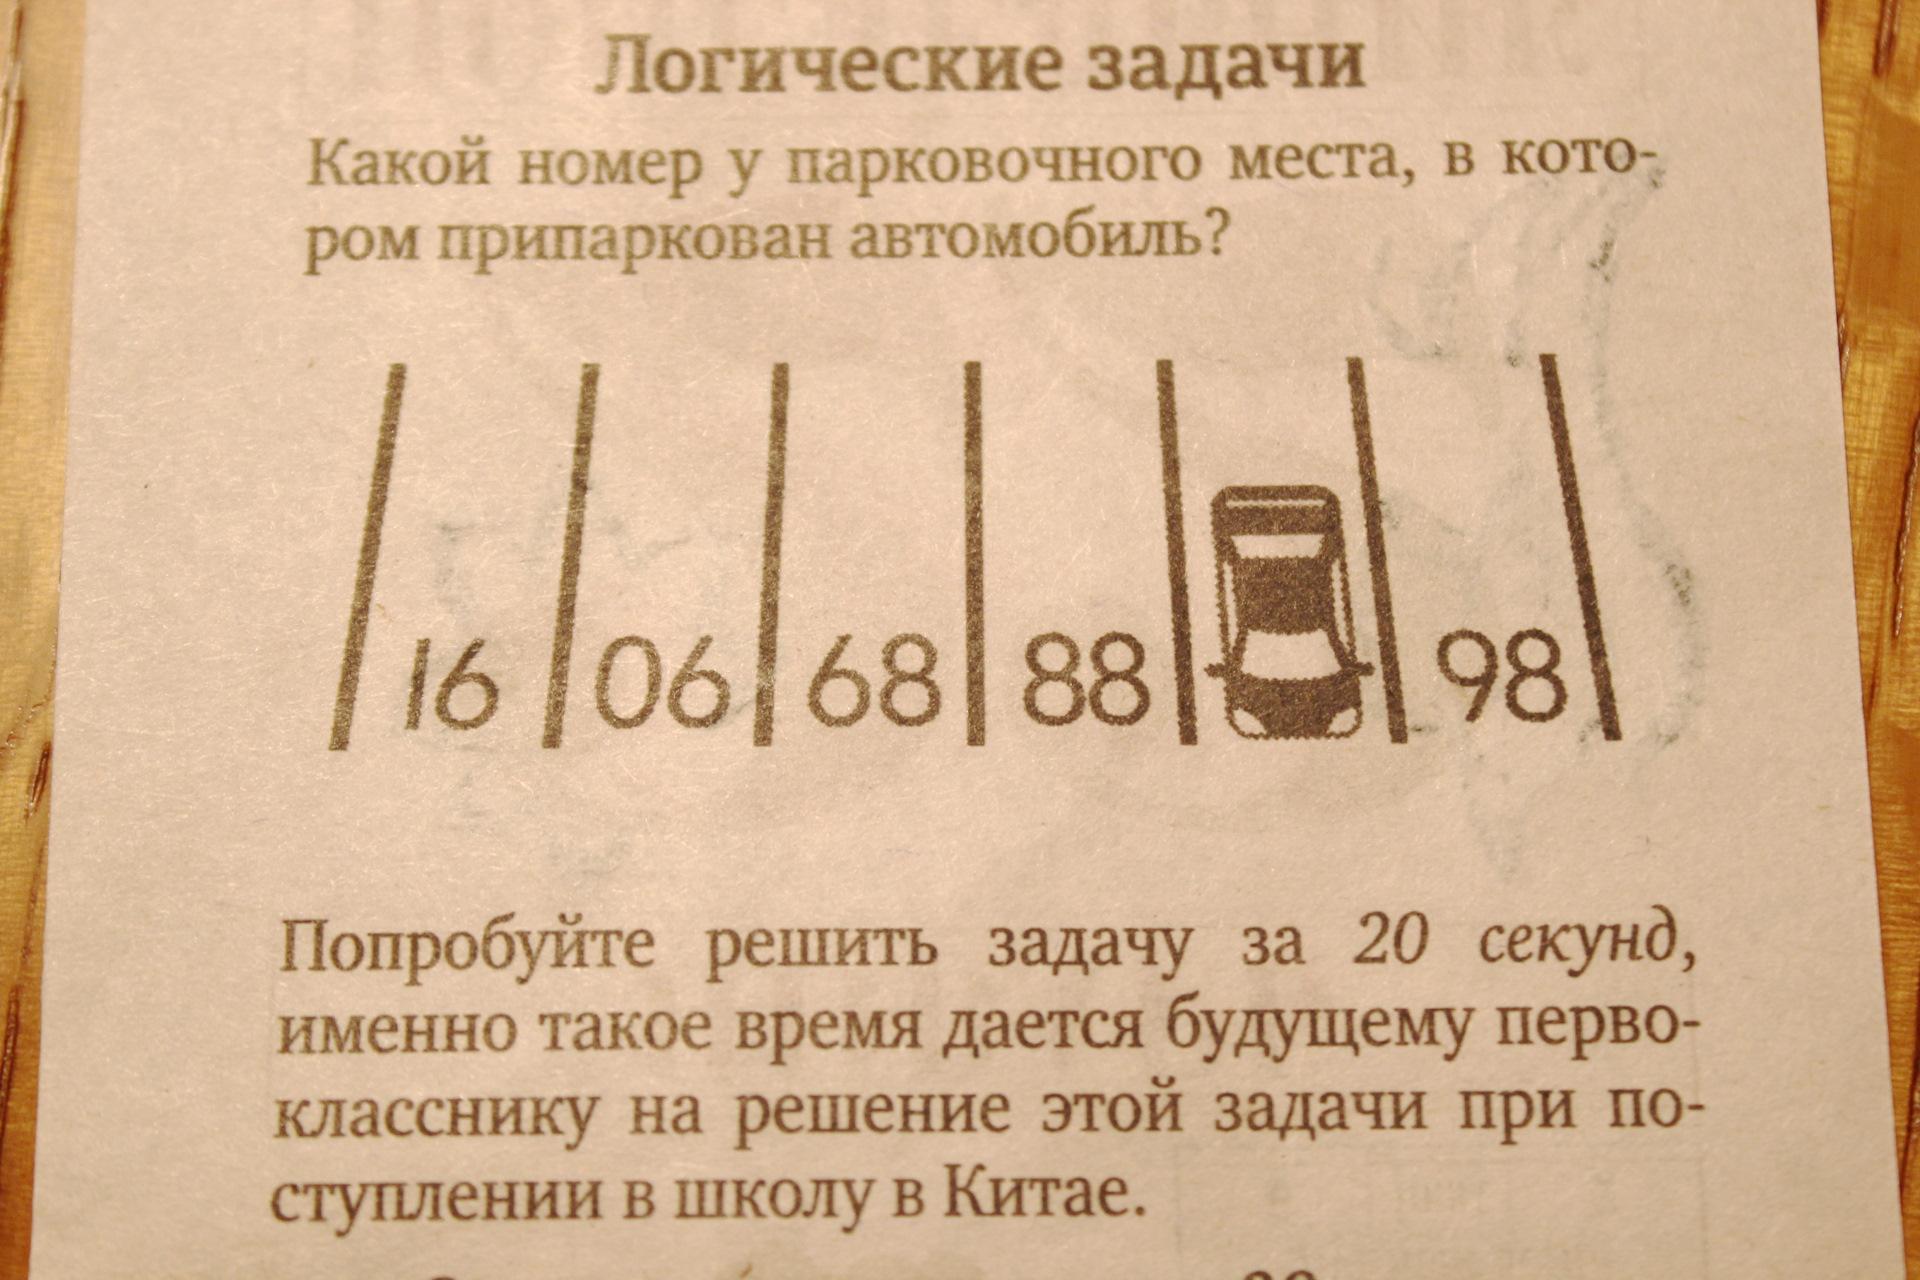 какое парковочное место занимает автомобиль ответ